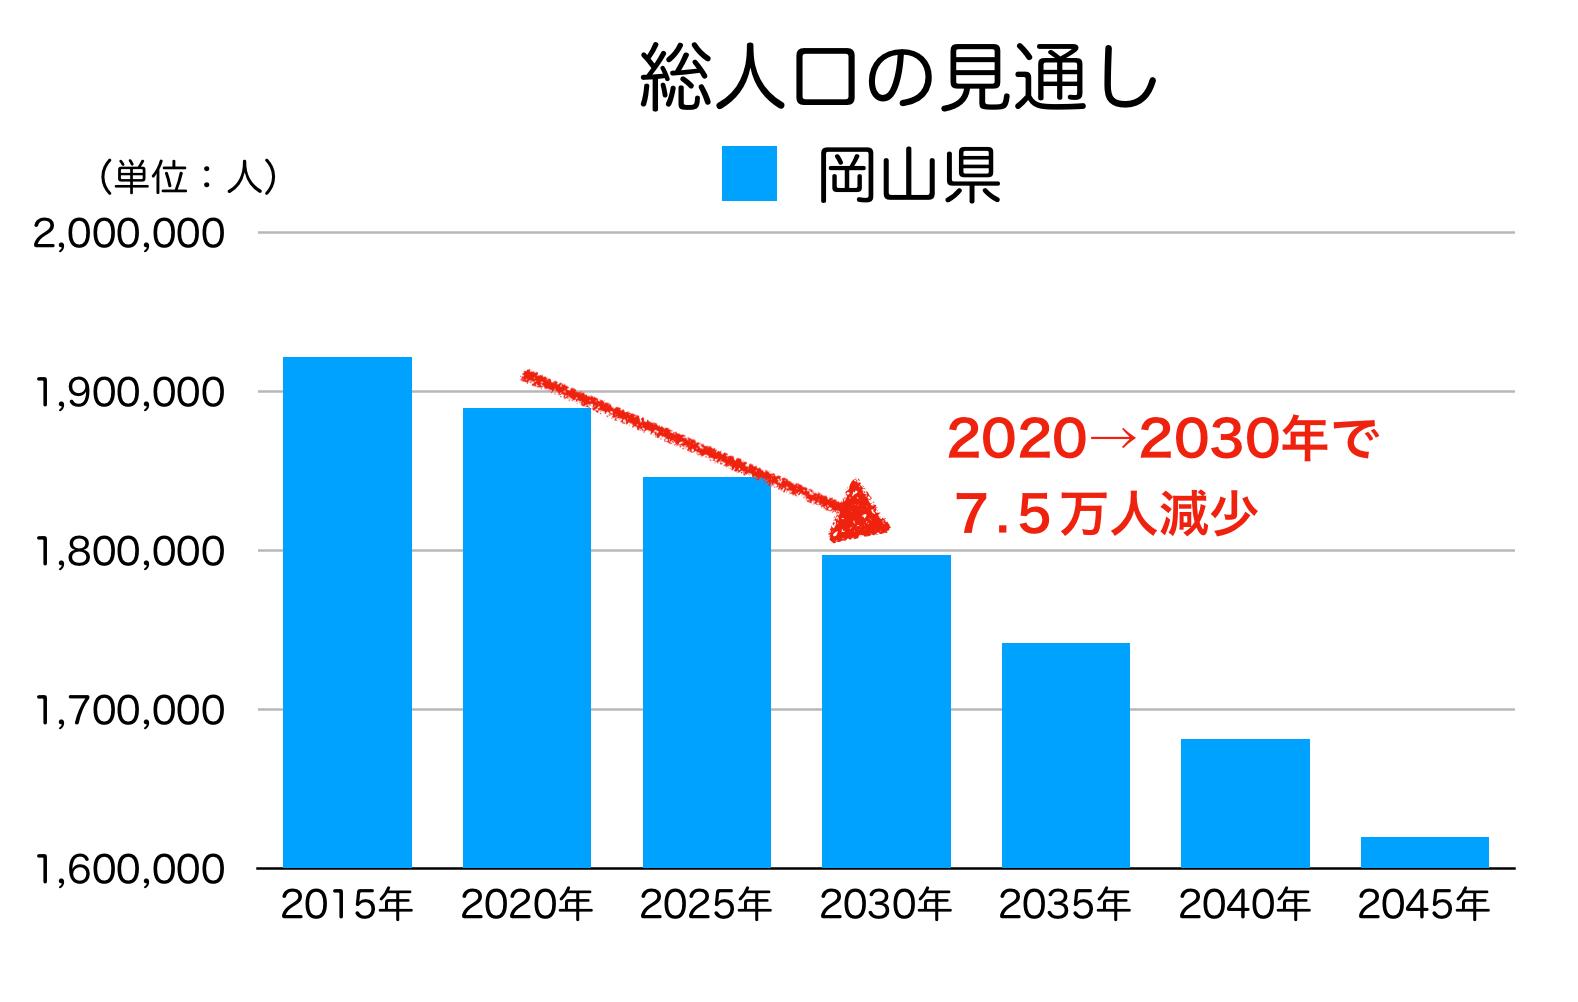 岡山県の総人口の見通し